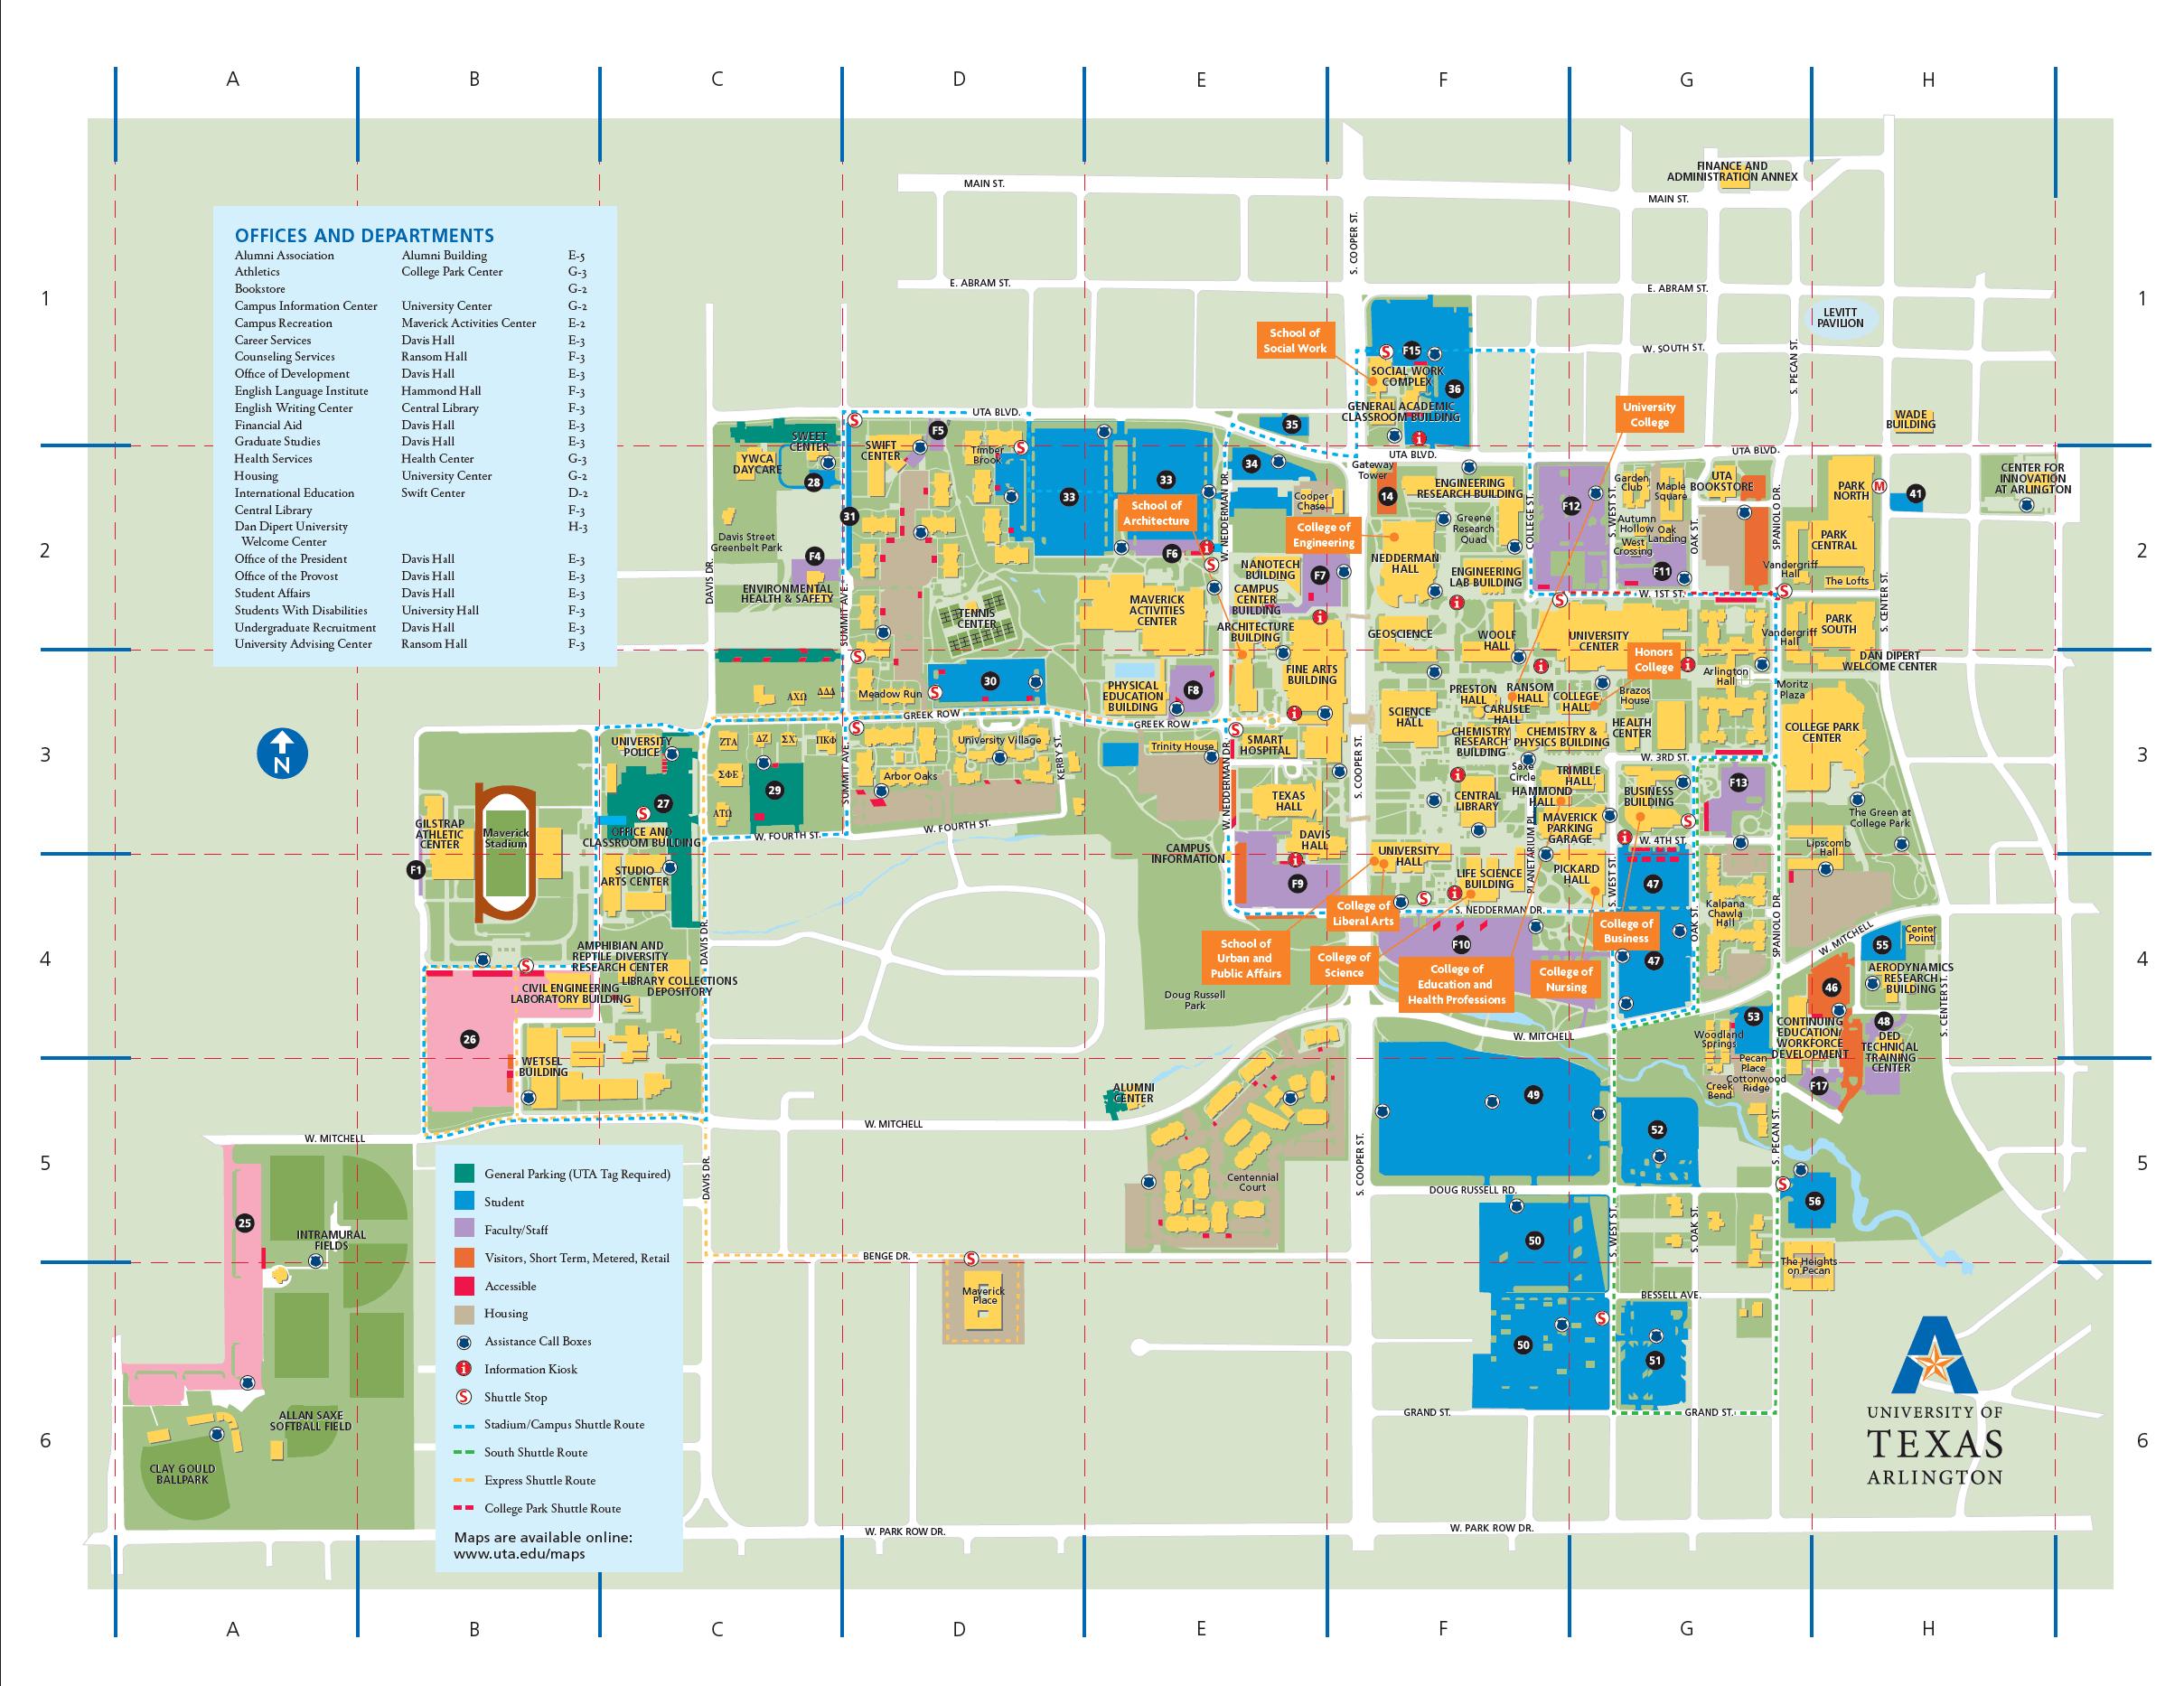 Map of UTA Campus